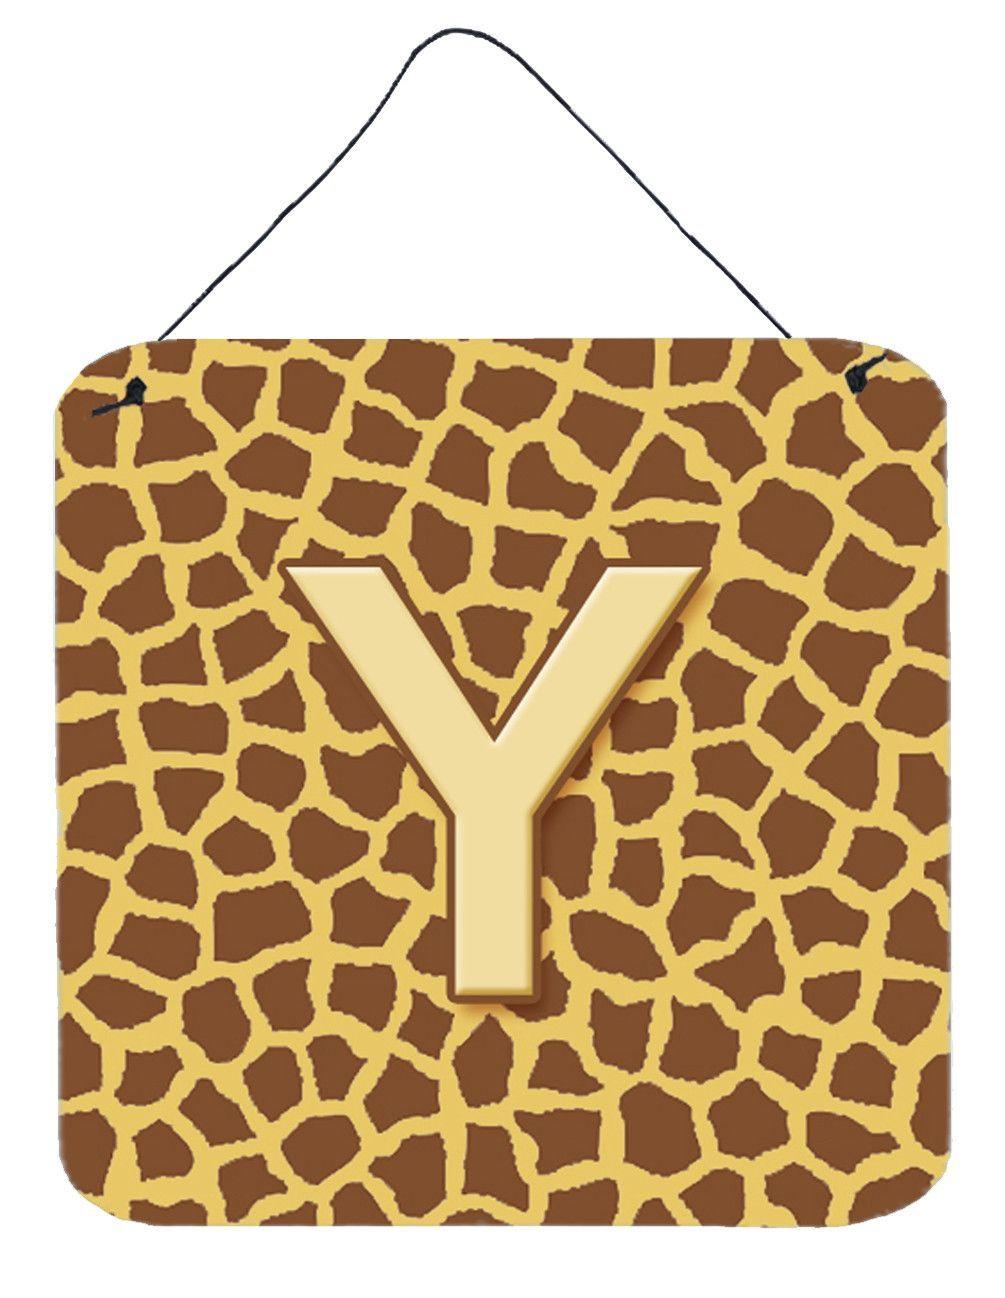 Letter Y Initial Monogram - Giraffe Aluminium Metal Wall or Door ...